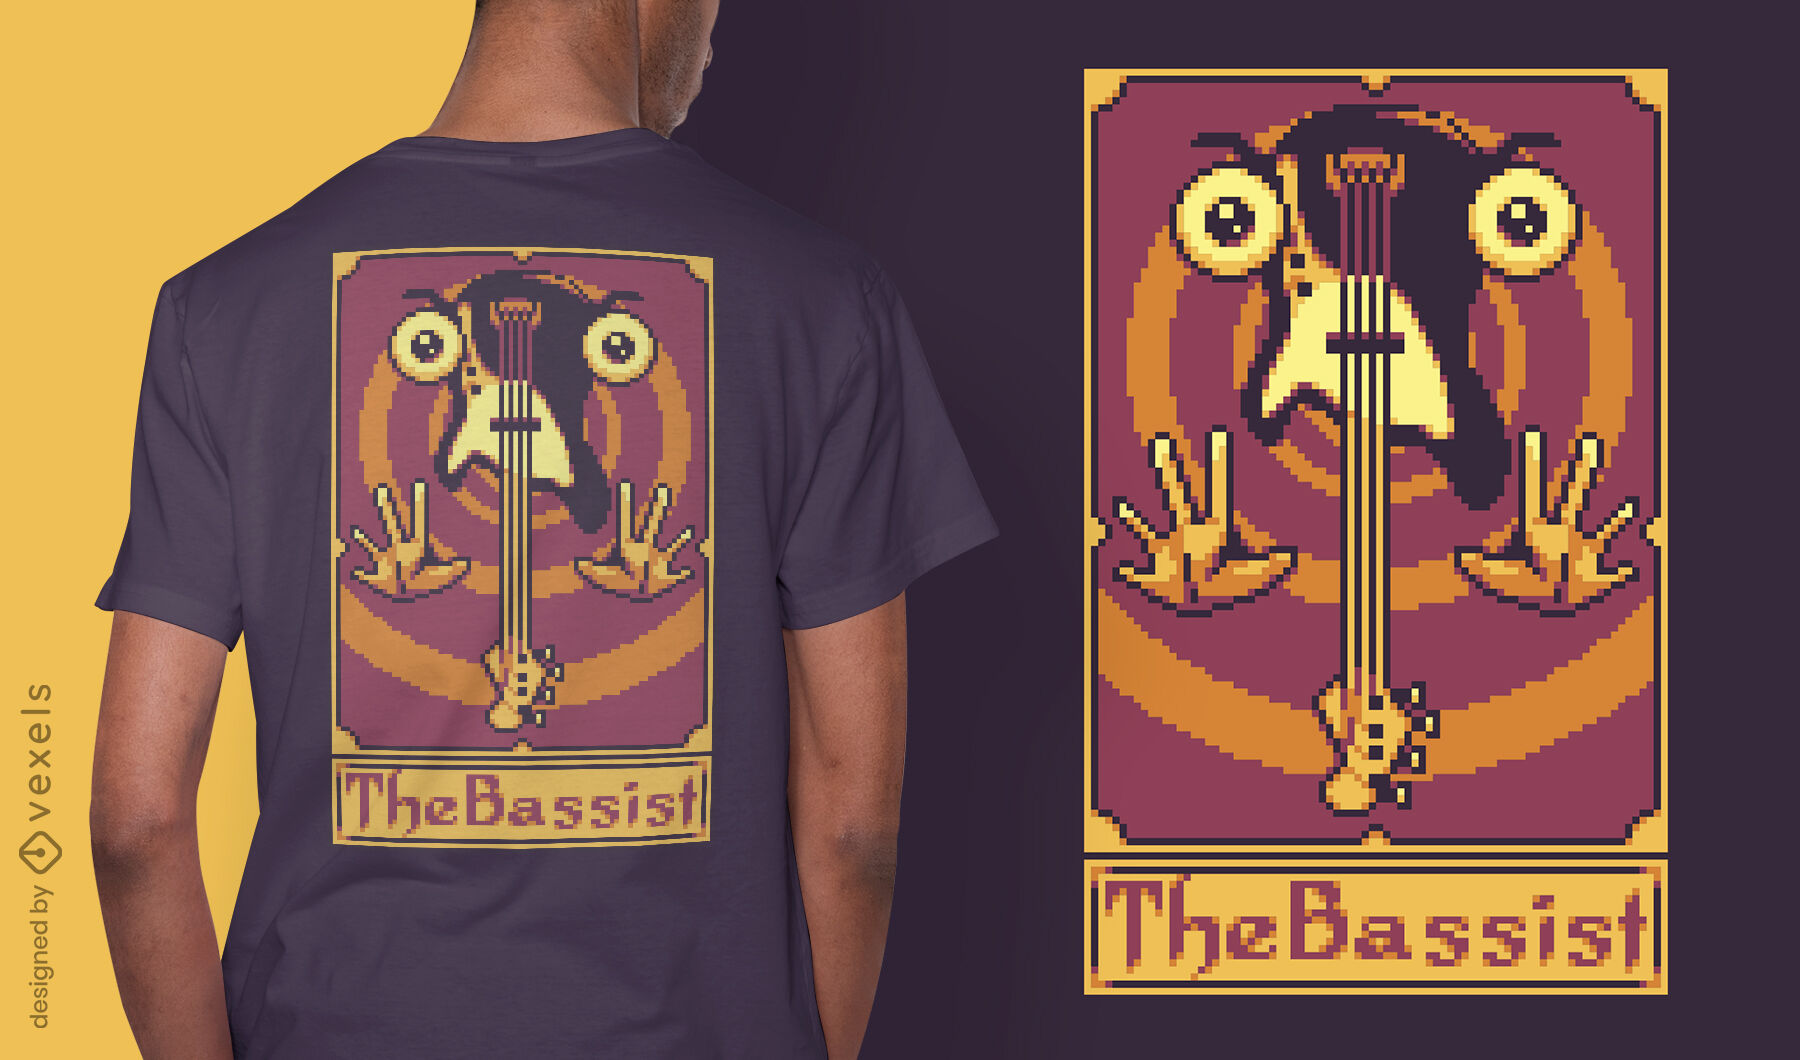 Pixel tarot card guitar t-shirt design